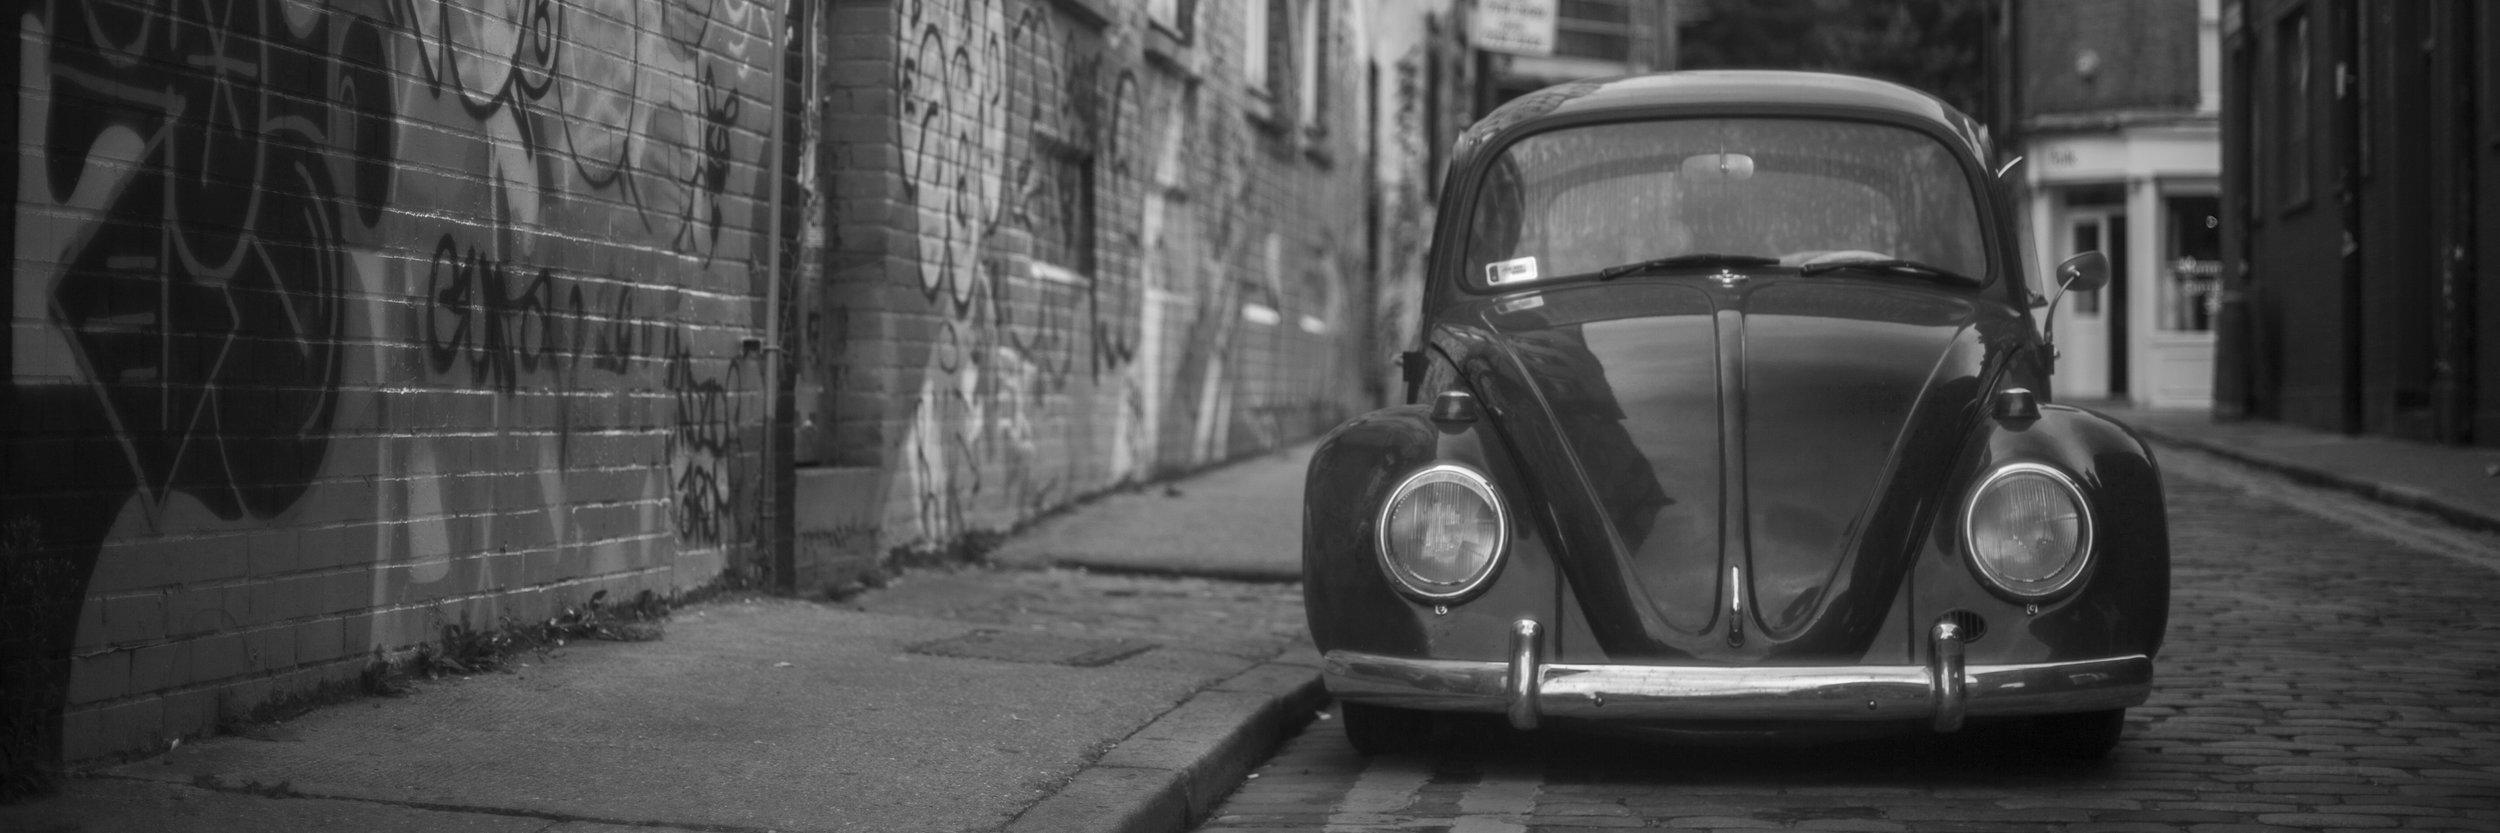 Túl a barátságon - Volkswagen 1200A